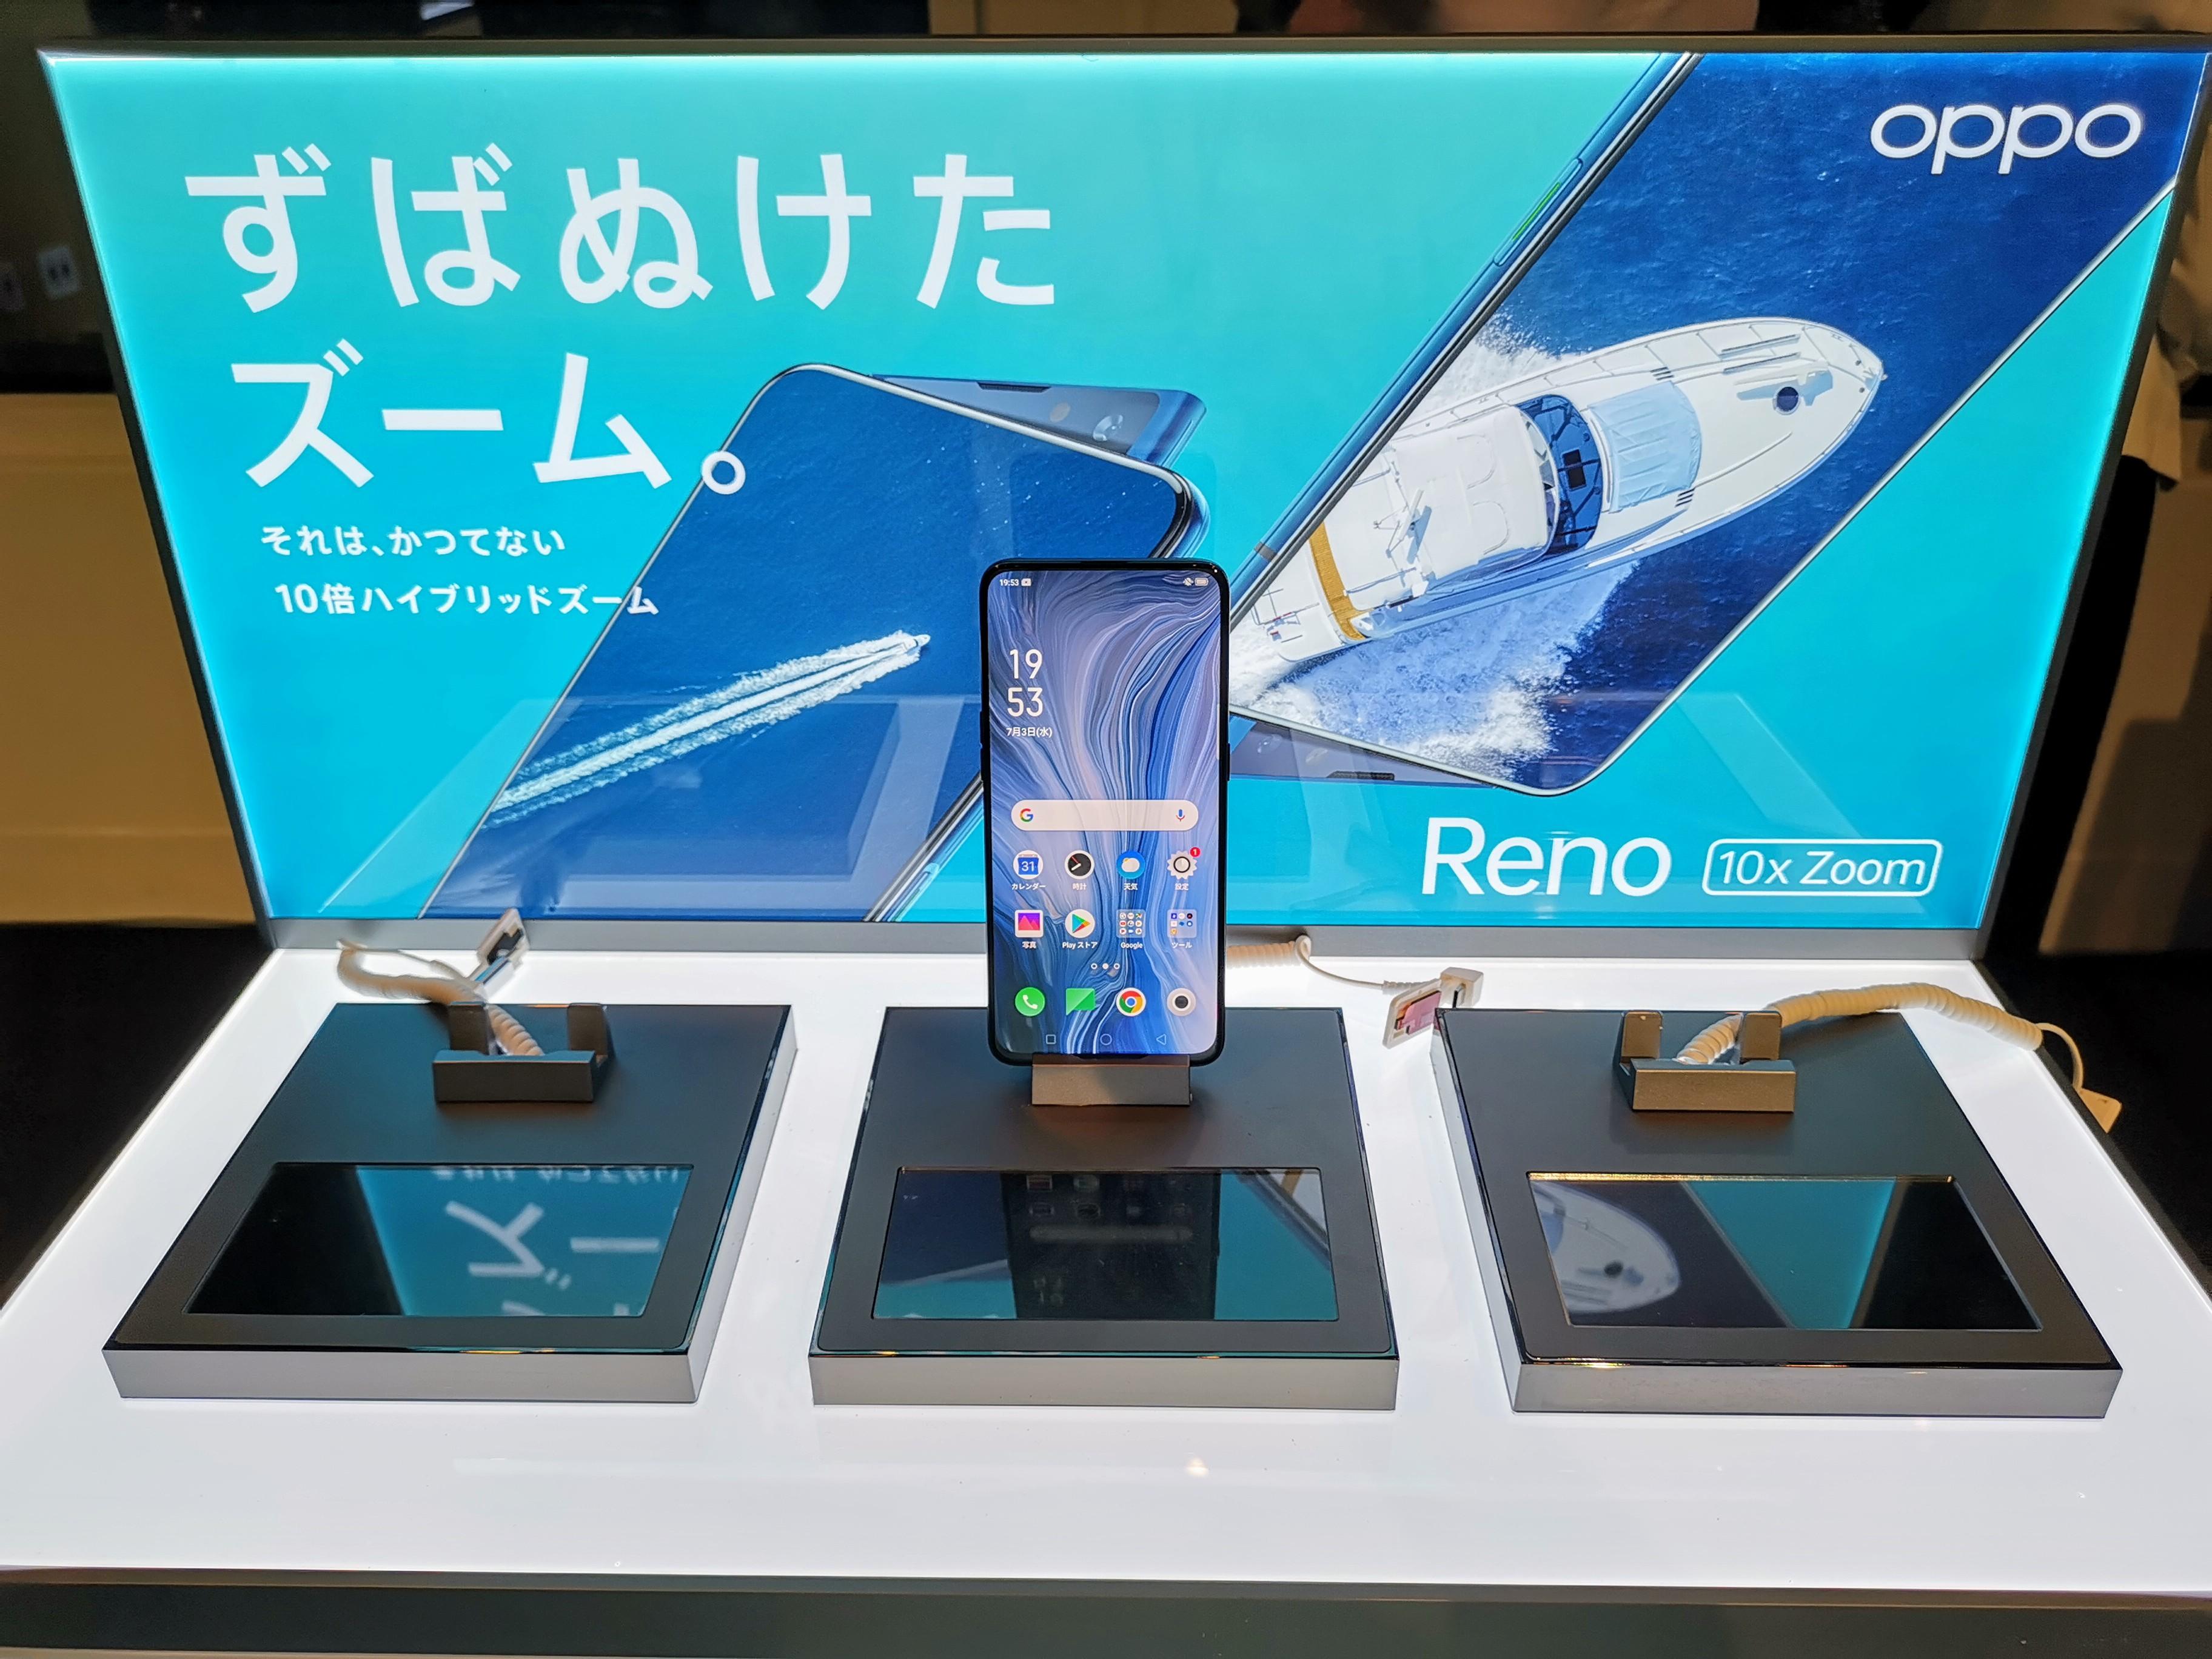 【スペック編】OPPO Reno 10x Zoom 徹底分析!!